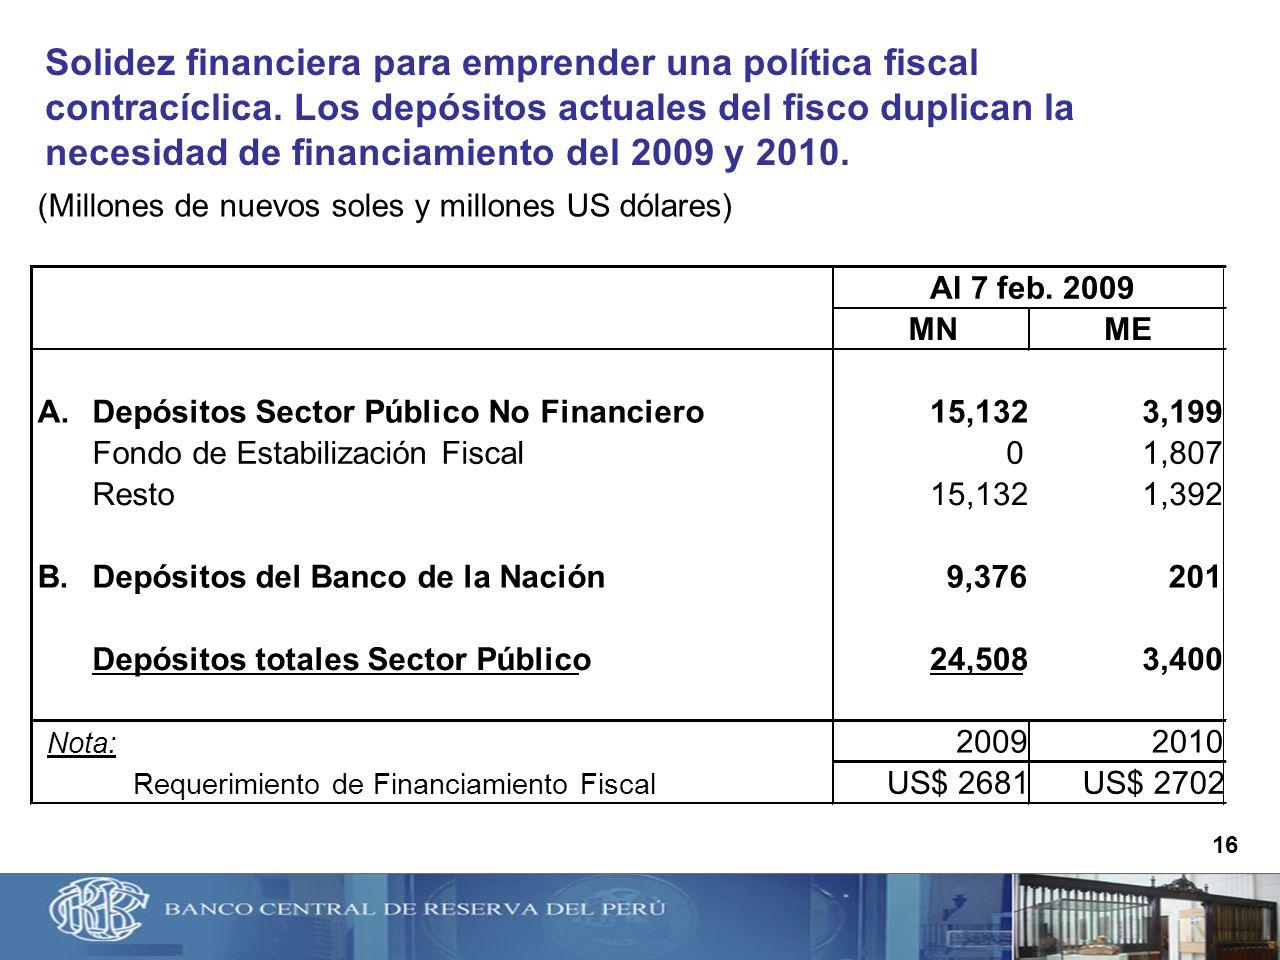 Solidez financiera para emprender una política fiscal contracíclica